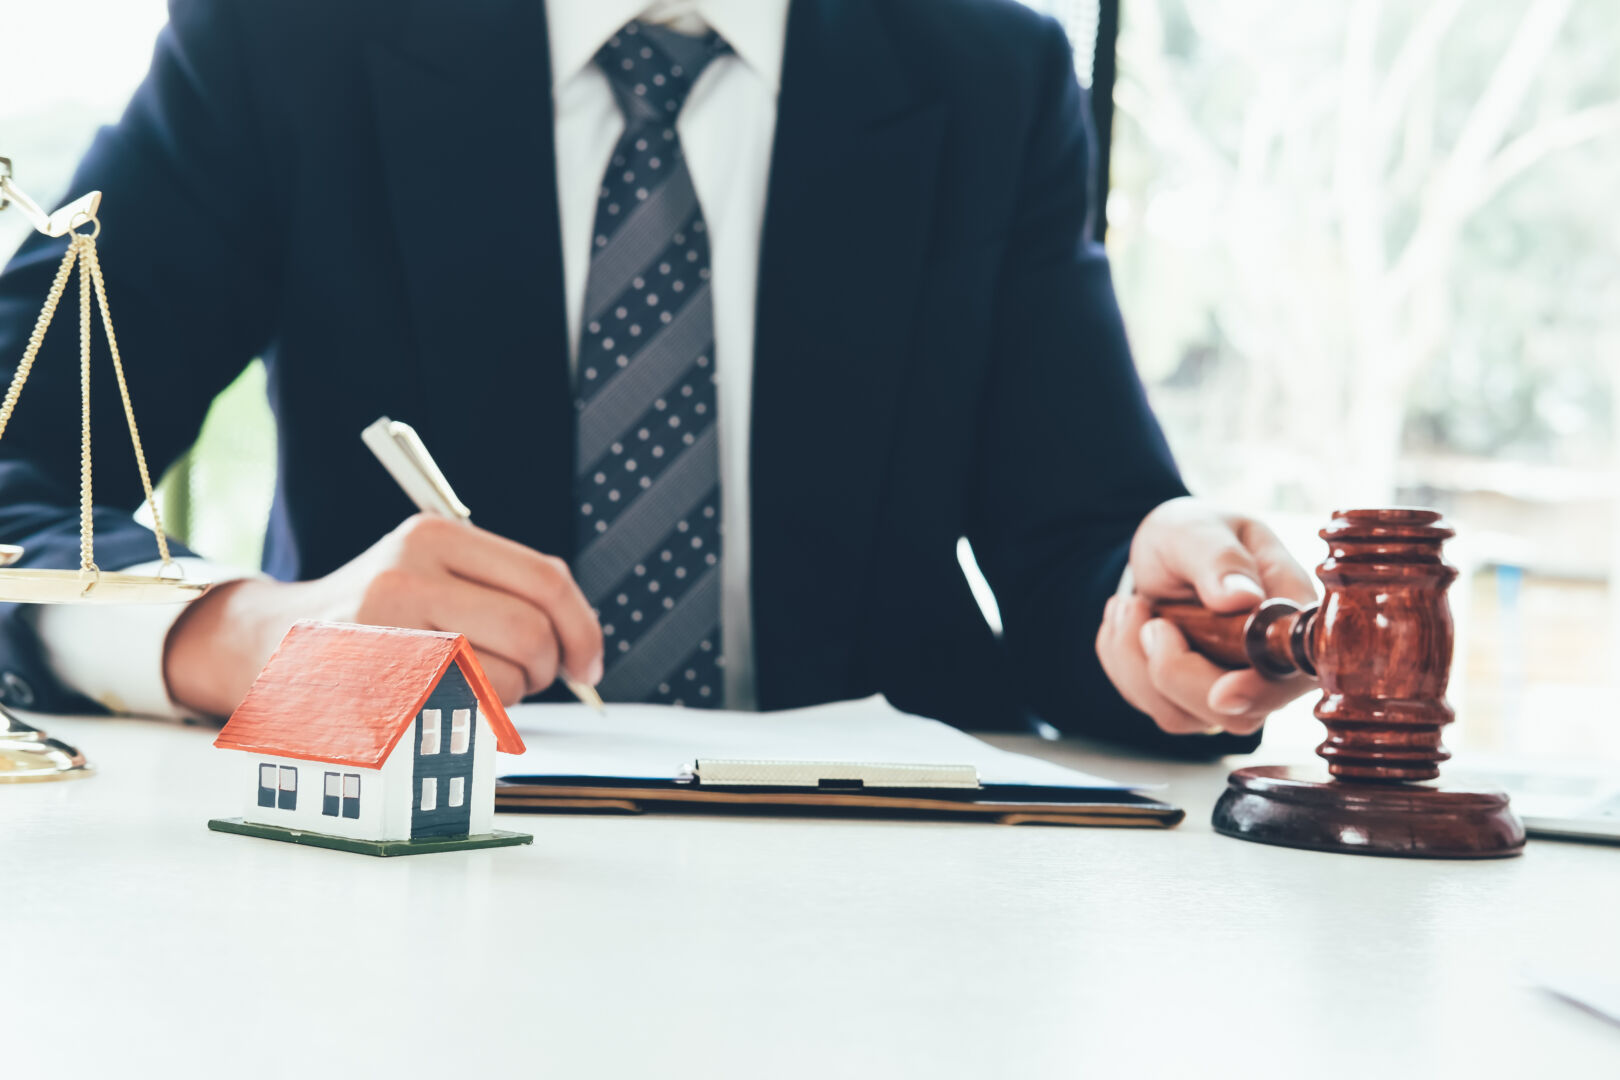 «Validité du mandat préalable à la notification du droit de préemption en matière de baux commerciaux»,  Maître Gabriel NEU-JANICKI